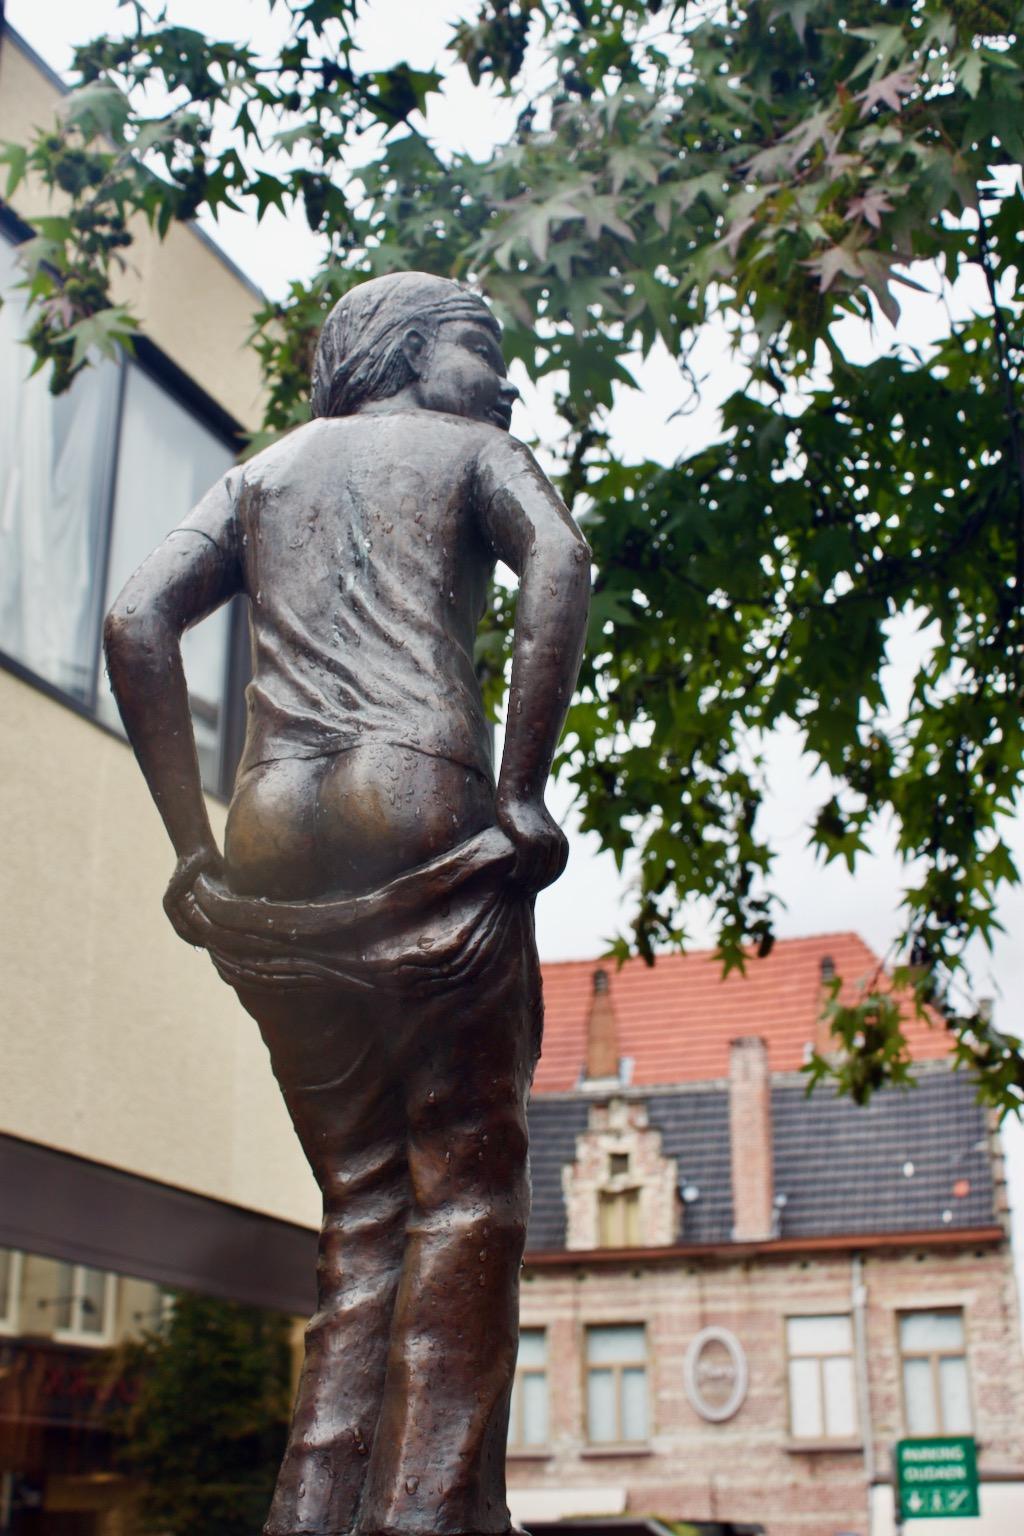 Den Deugniet Antwerp - Strange Statues In Belgium